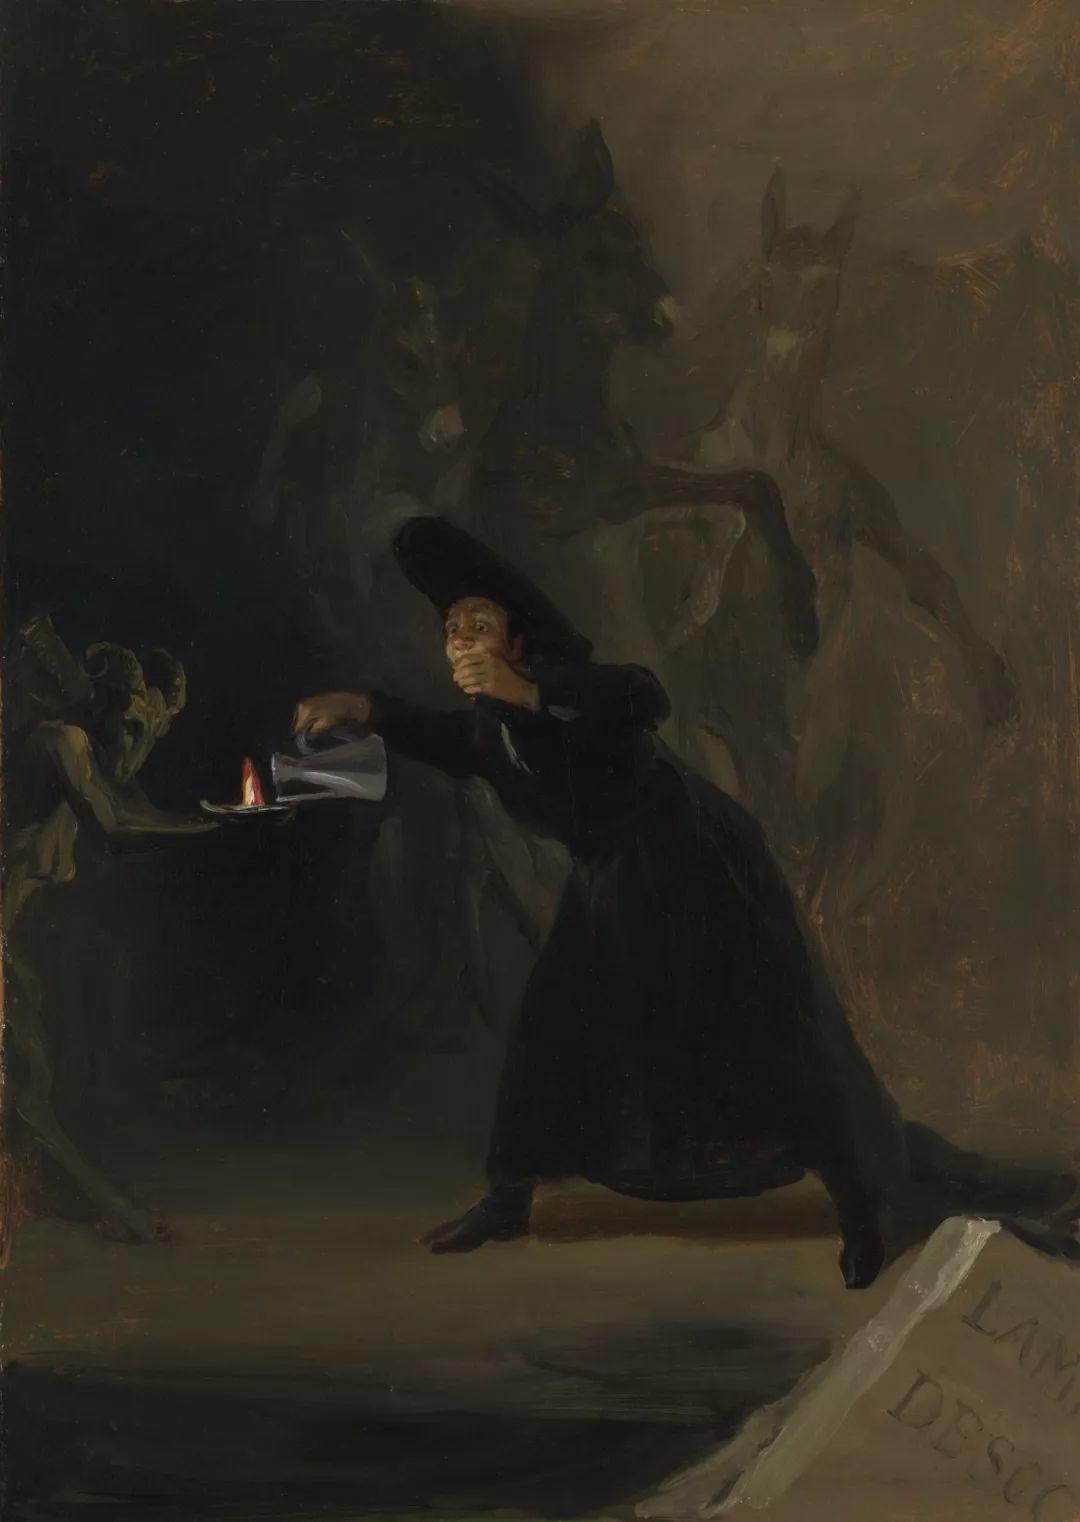 画风奇异的天才戈雅,画作震撼,他被称为浪漫主义最后的大师!插图193